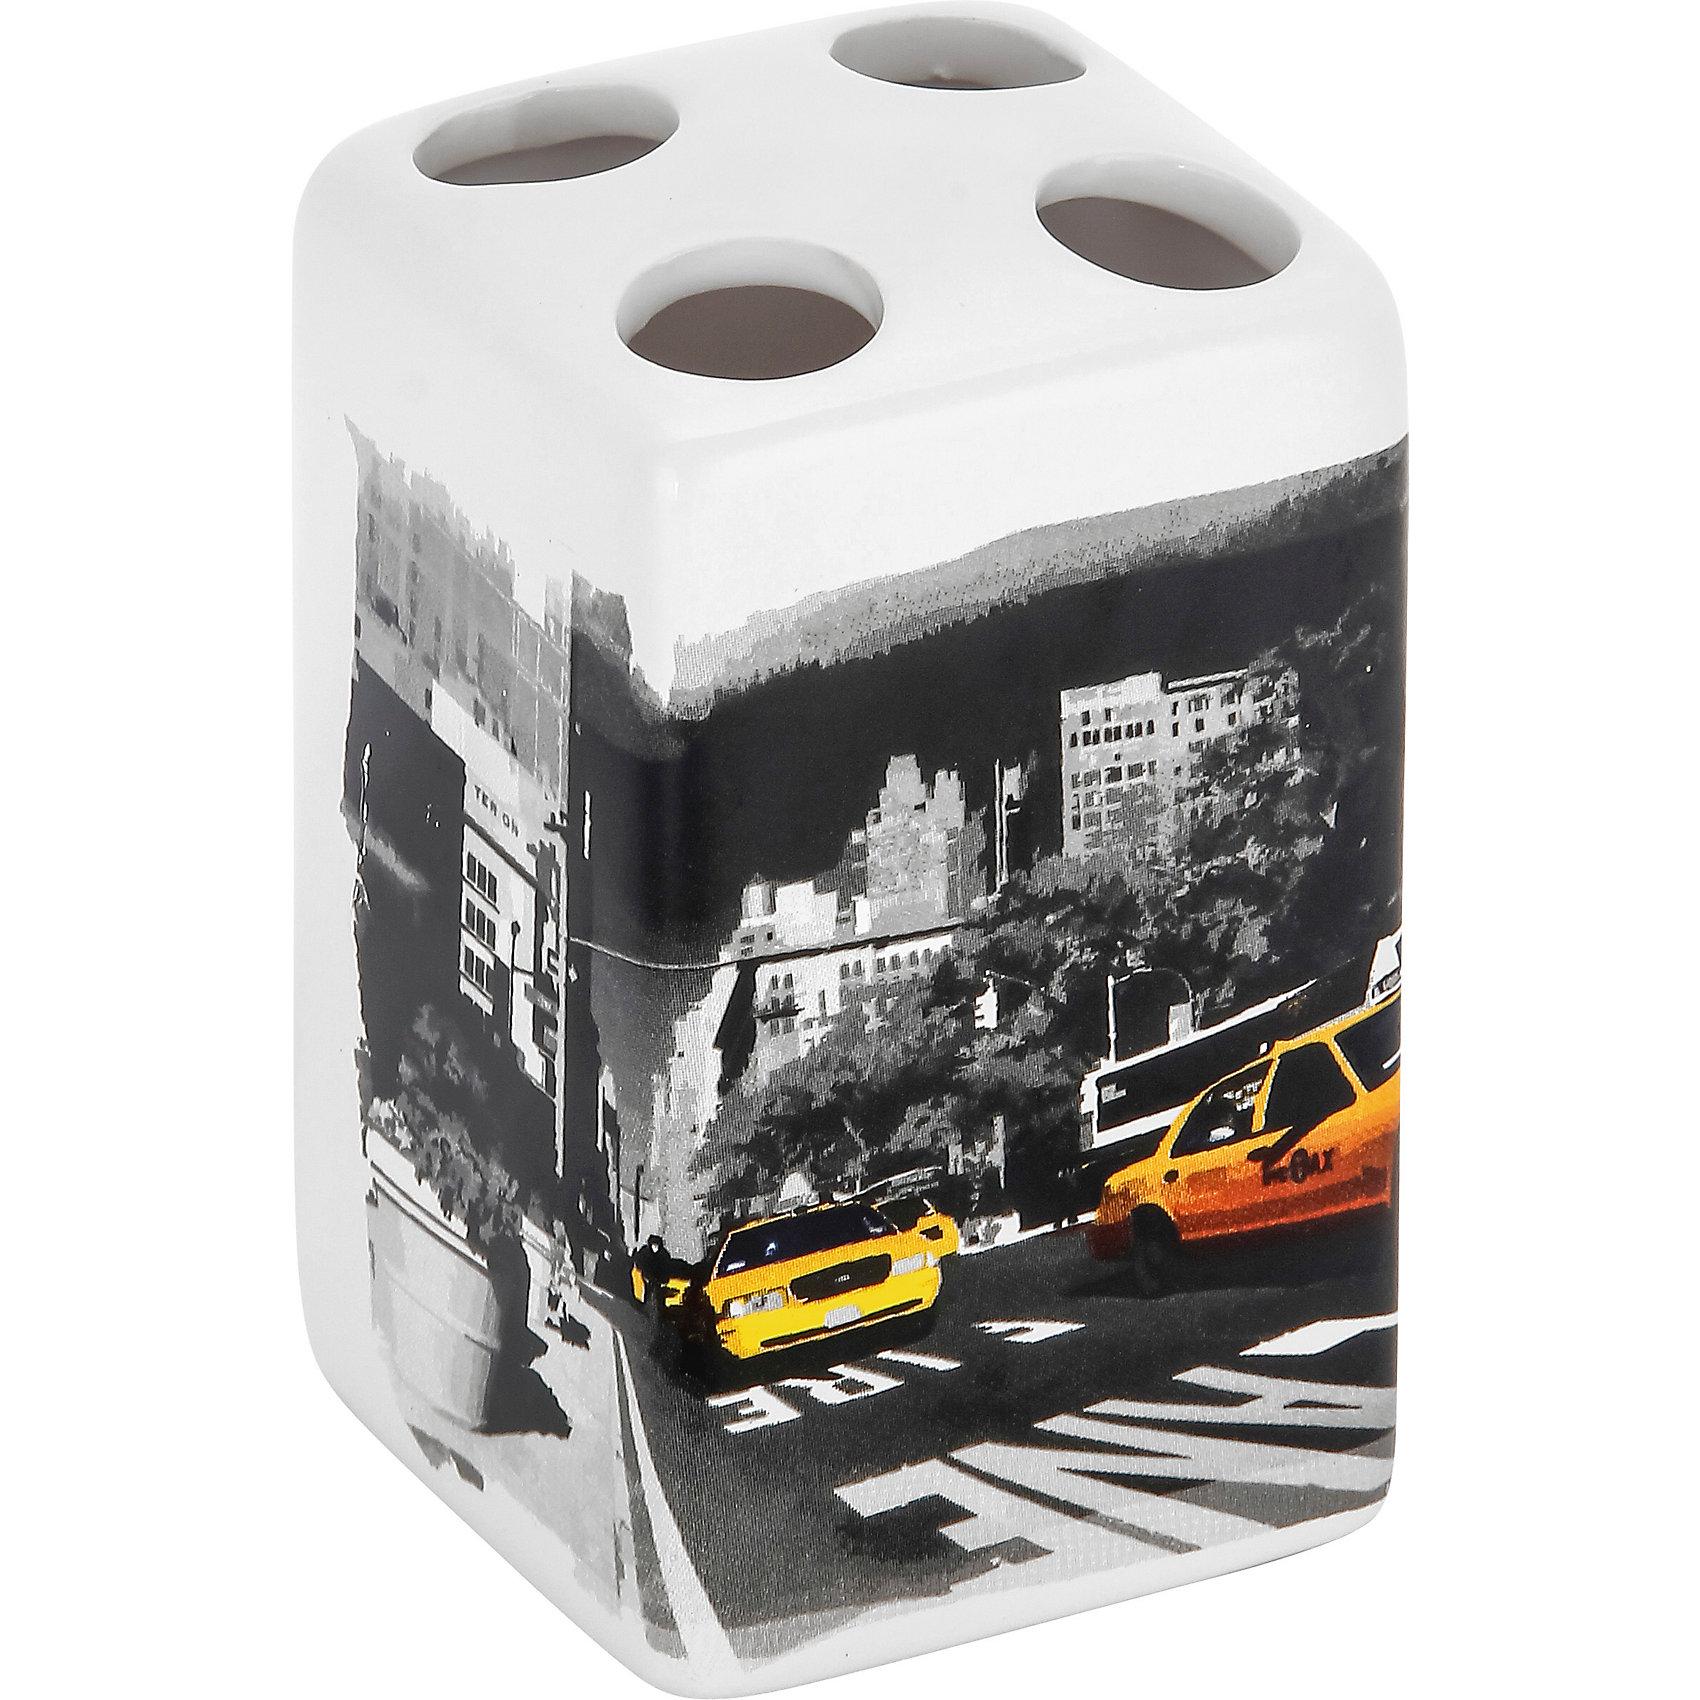 Держатель для зубных щеток Нью-Йорк TBH-NY, Рыжий котВанная комната<br>Держатель для зубных щеток Нью-Йорк TBH-NY, Рыжий кот<br><br>Характеристики:<br><br>• четыре отверстия для зубных щеток<br>• приятный дизайн<br>• материал: керамика<br>• размер: 6,6х6,6х10,5 см<br><br>Держатель Нью-Йорк предназначен для хранения зубных щеток. Он имеет четыре небольших отверстия для щеток, что отлично подойдет для большой семьи. Держатель изготовлен из керамики и оформлен изображением улицы Нью-Йорка.<br><br>Держатель для зубных щеток Нью-Йорк TBH-NY, Рыжий кот вы можете купить в нашем интернет-магазине.<br><br>Ширина мм: 90<br>Глубина мм: 80<br>Высота мм: 130<br>Вес г: 269<br>Возраст от месяцев: 12<br>Возраст до месяцев: 216<br>Пол: Унисекс<br>Возраст: Детский<br>SKU: 5454081